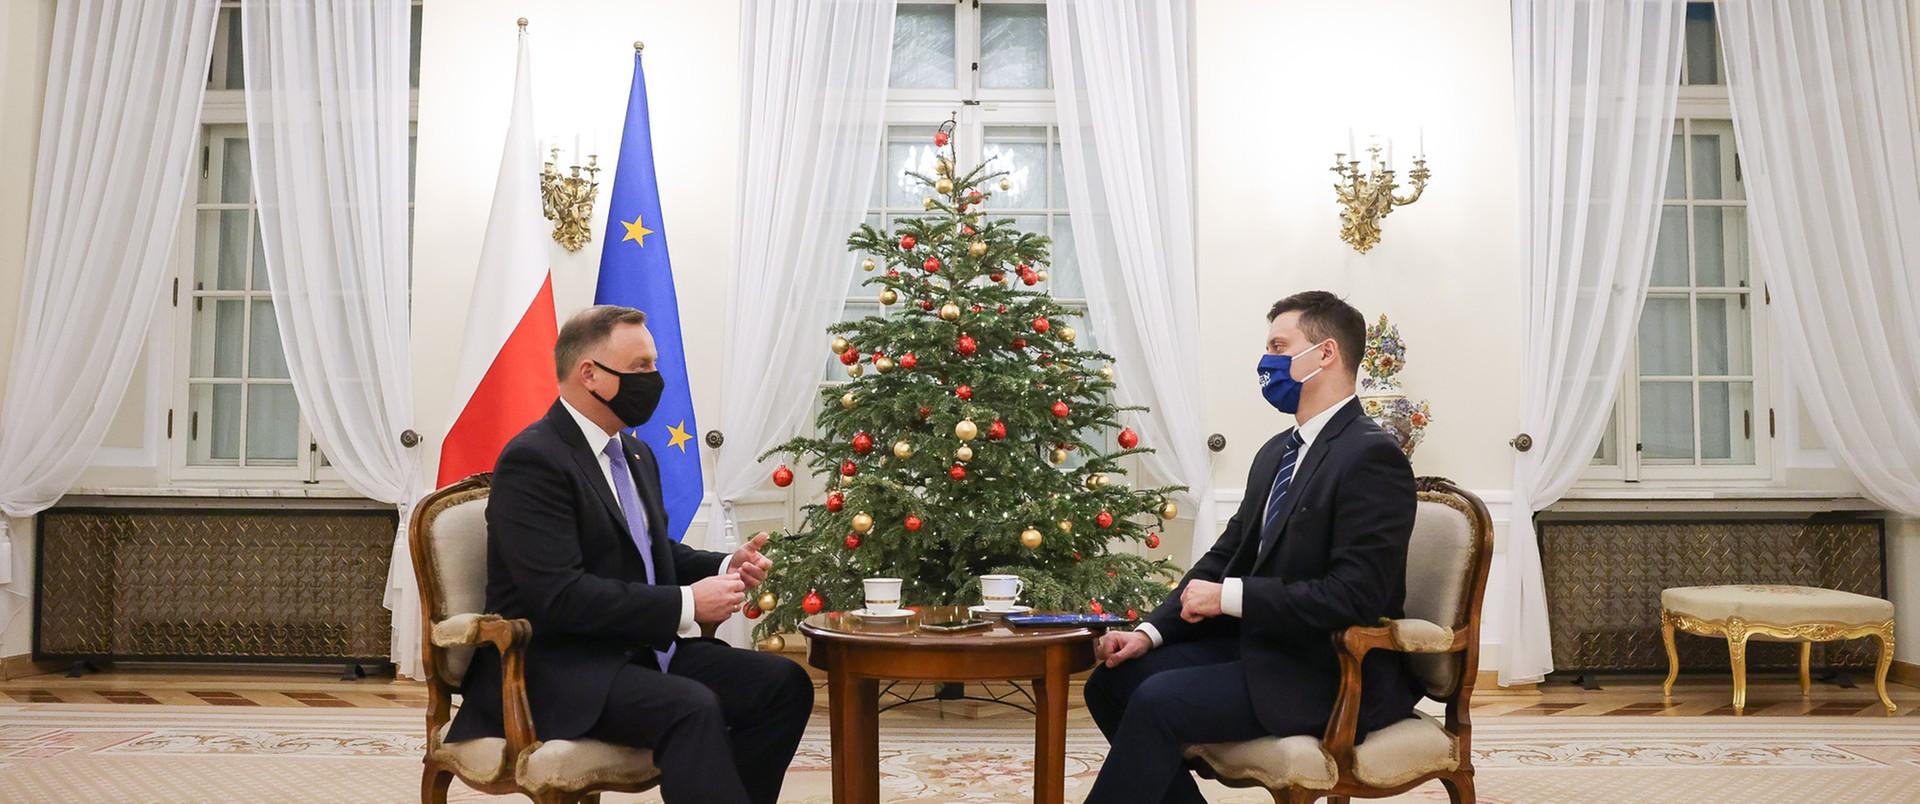 Andrzej Duda: Nie wyobrażam sobie, żebym został zaszczepiony przed moimi rodzicami